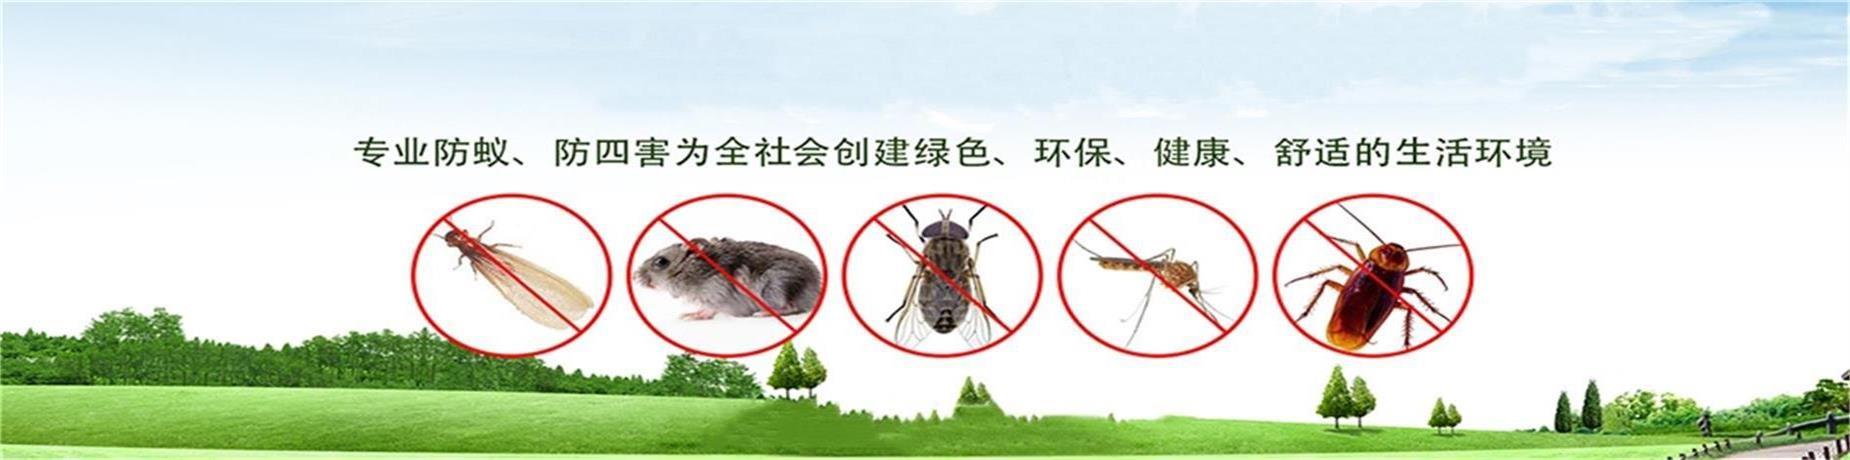 珠海白蟻防治公司